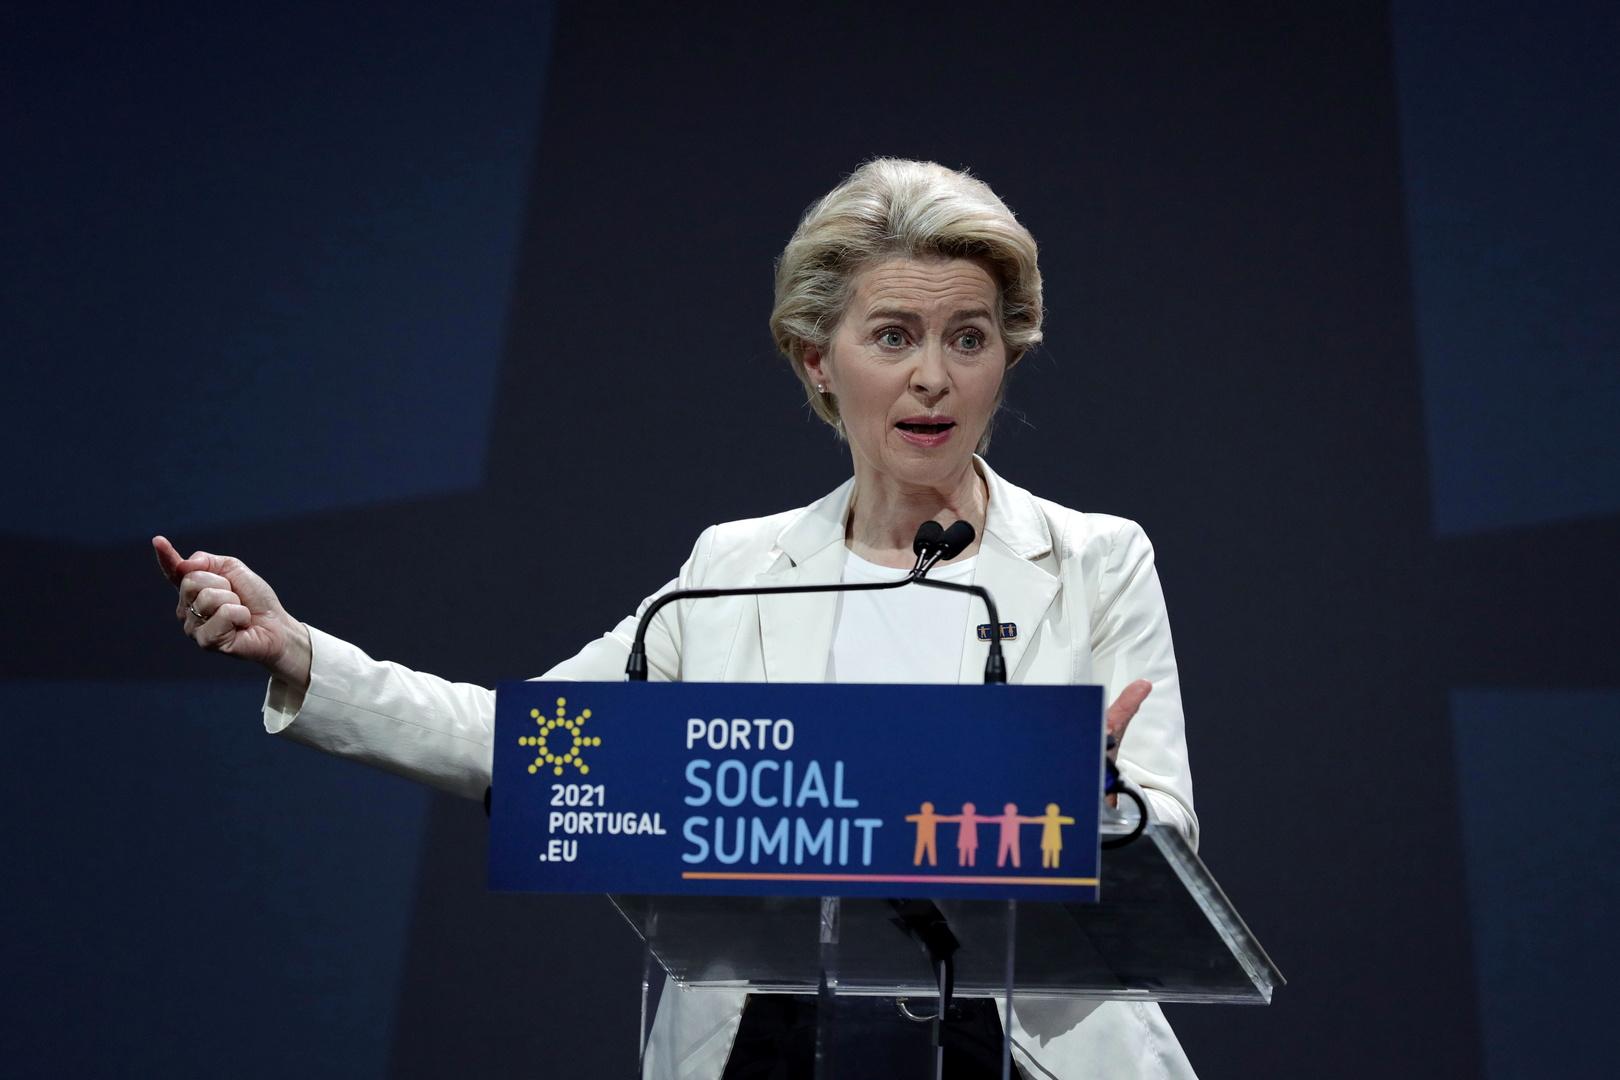 الاتحاد الأوروبي يناشد الولايات المتحدة وغيرها من الدول تصدير لقاحاتها